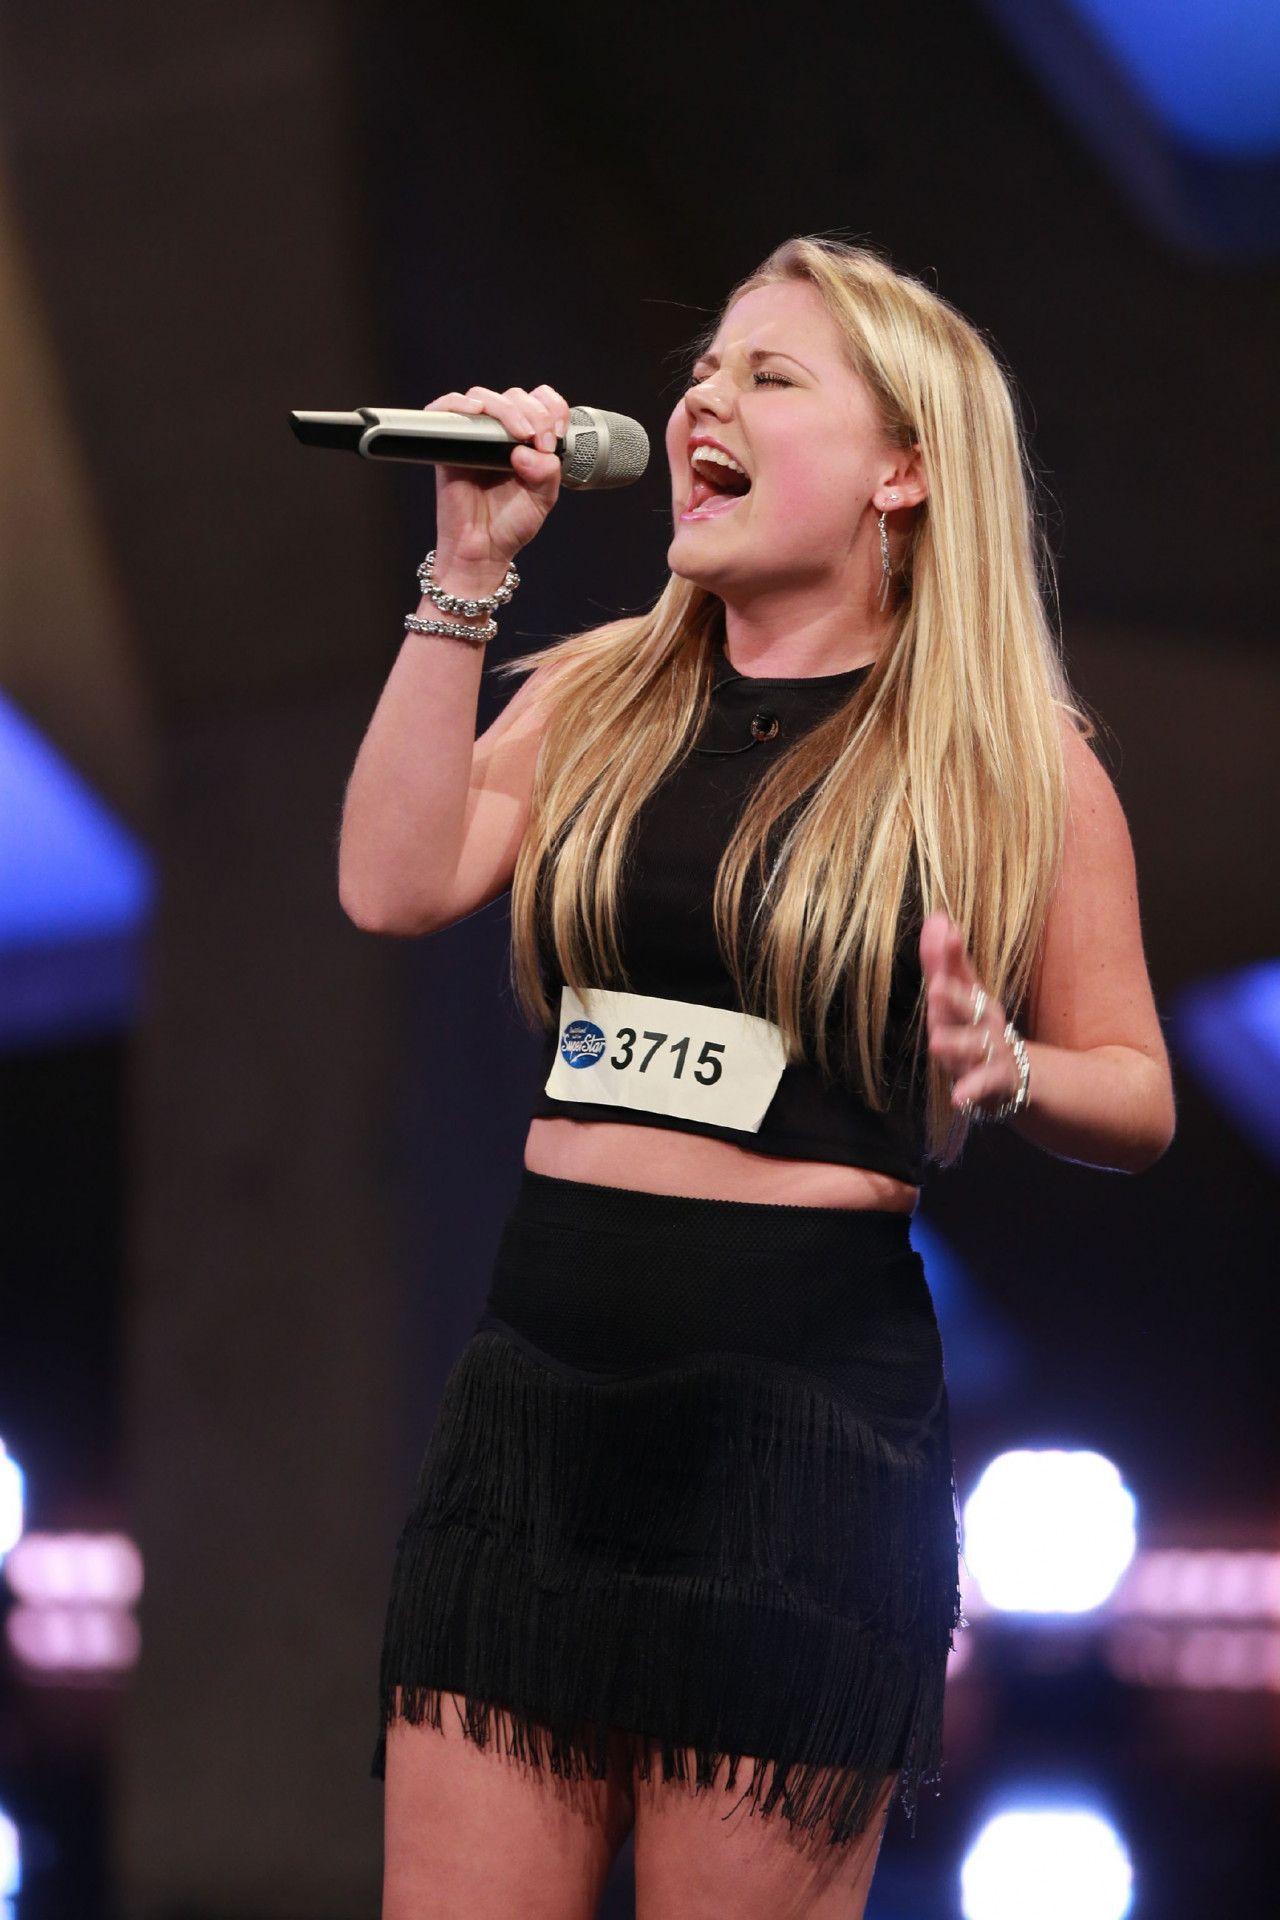 """Die 18-jährige Laura van den Elzen kommt aus den Niederlanden und singt """"Total Eclipse Of The Heart"""" von Bonnie Tyler."""